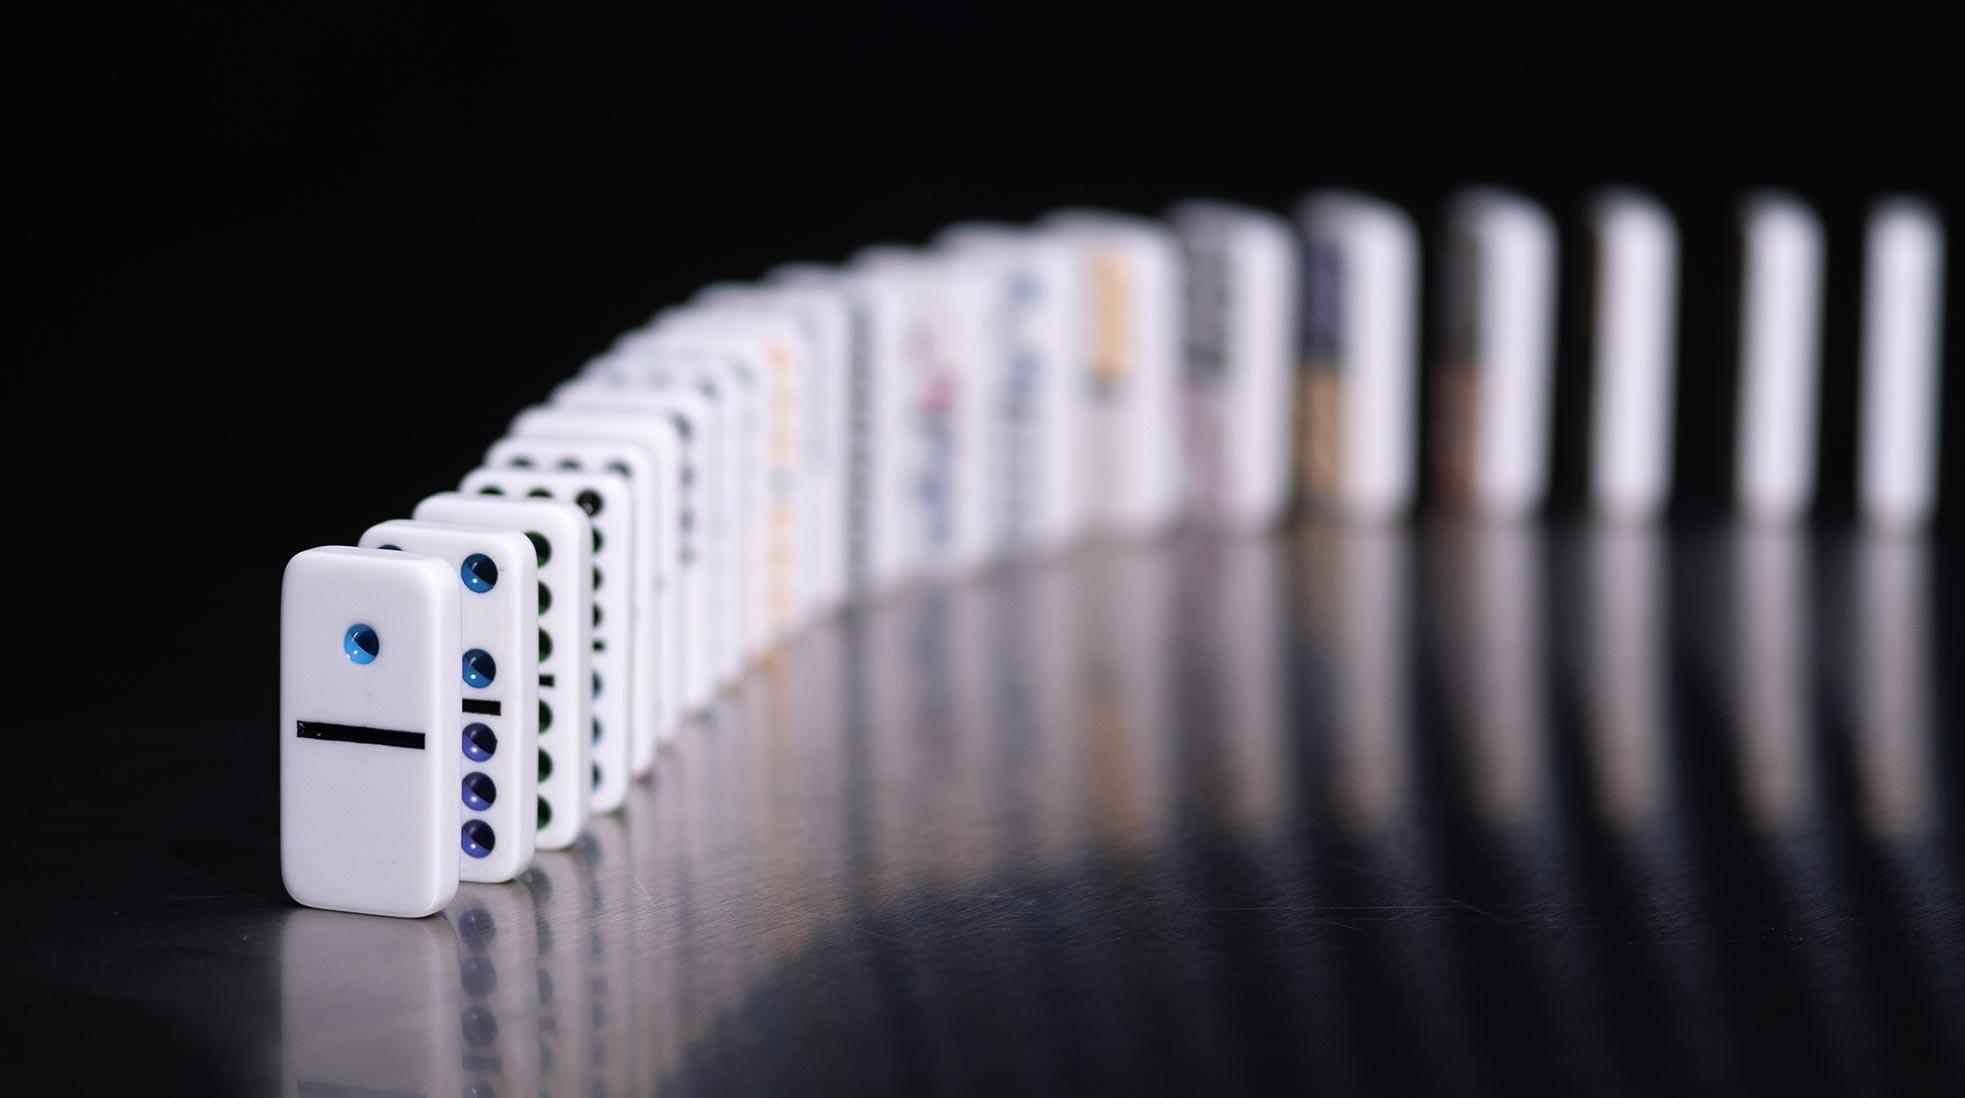 Vita dominobrickor står uppställda i en kedja på ett svart underlag